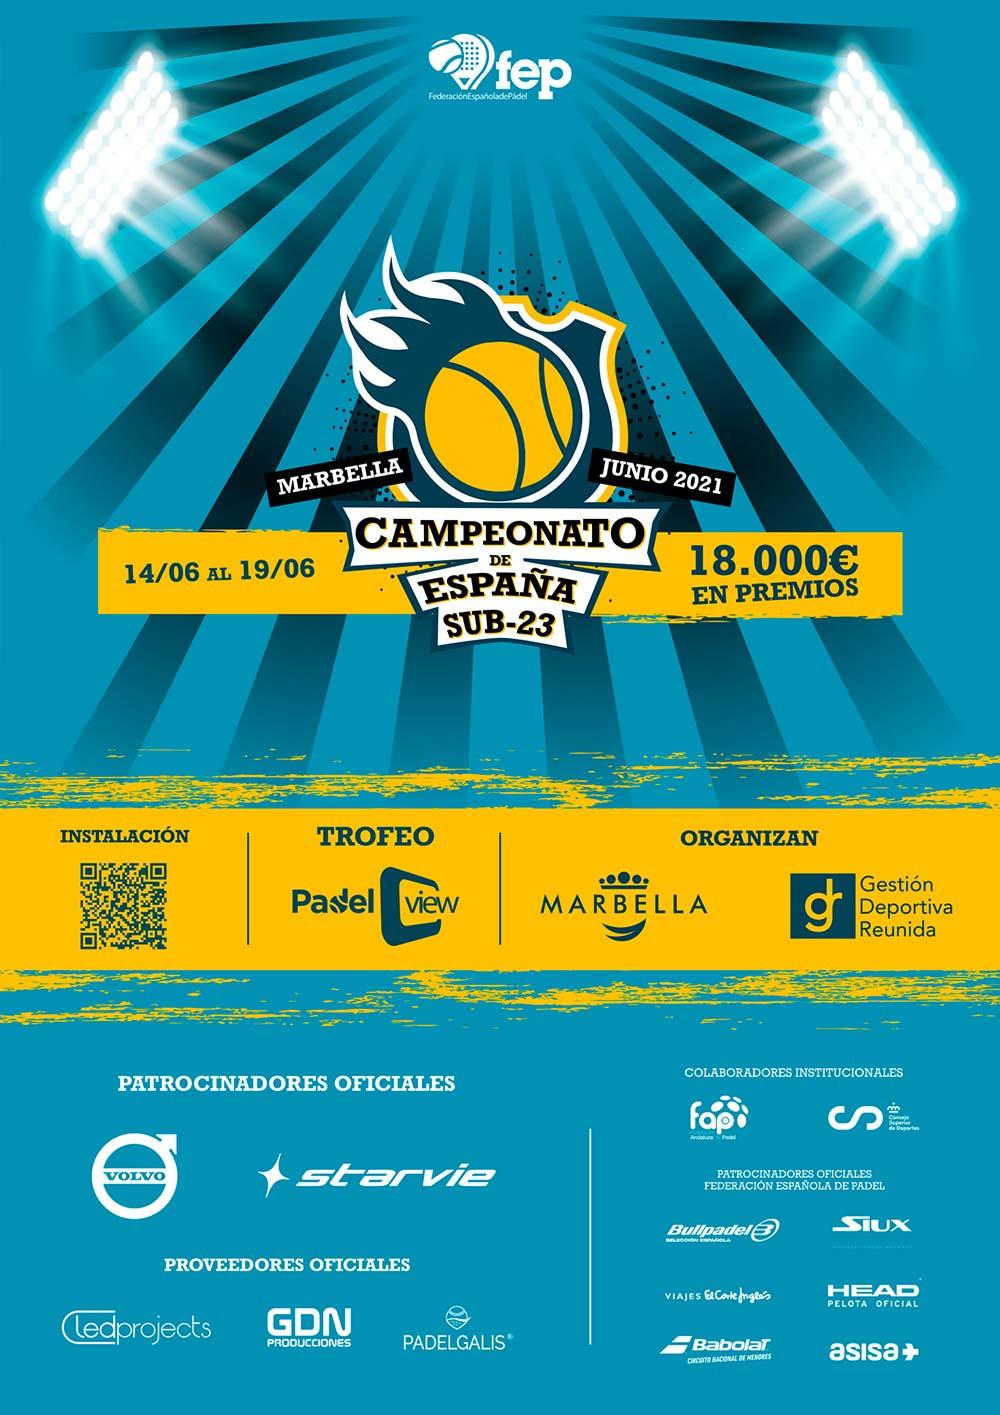 Cartel del Campeonato de España Sub-23